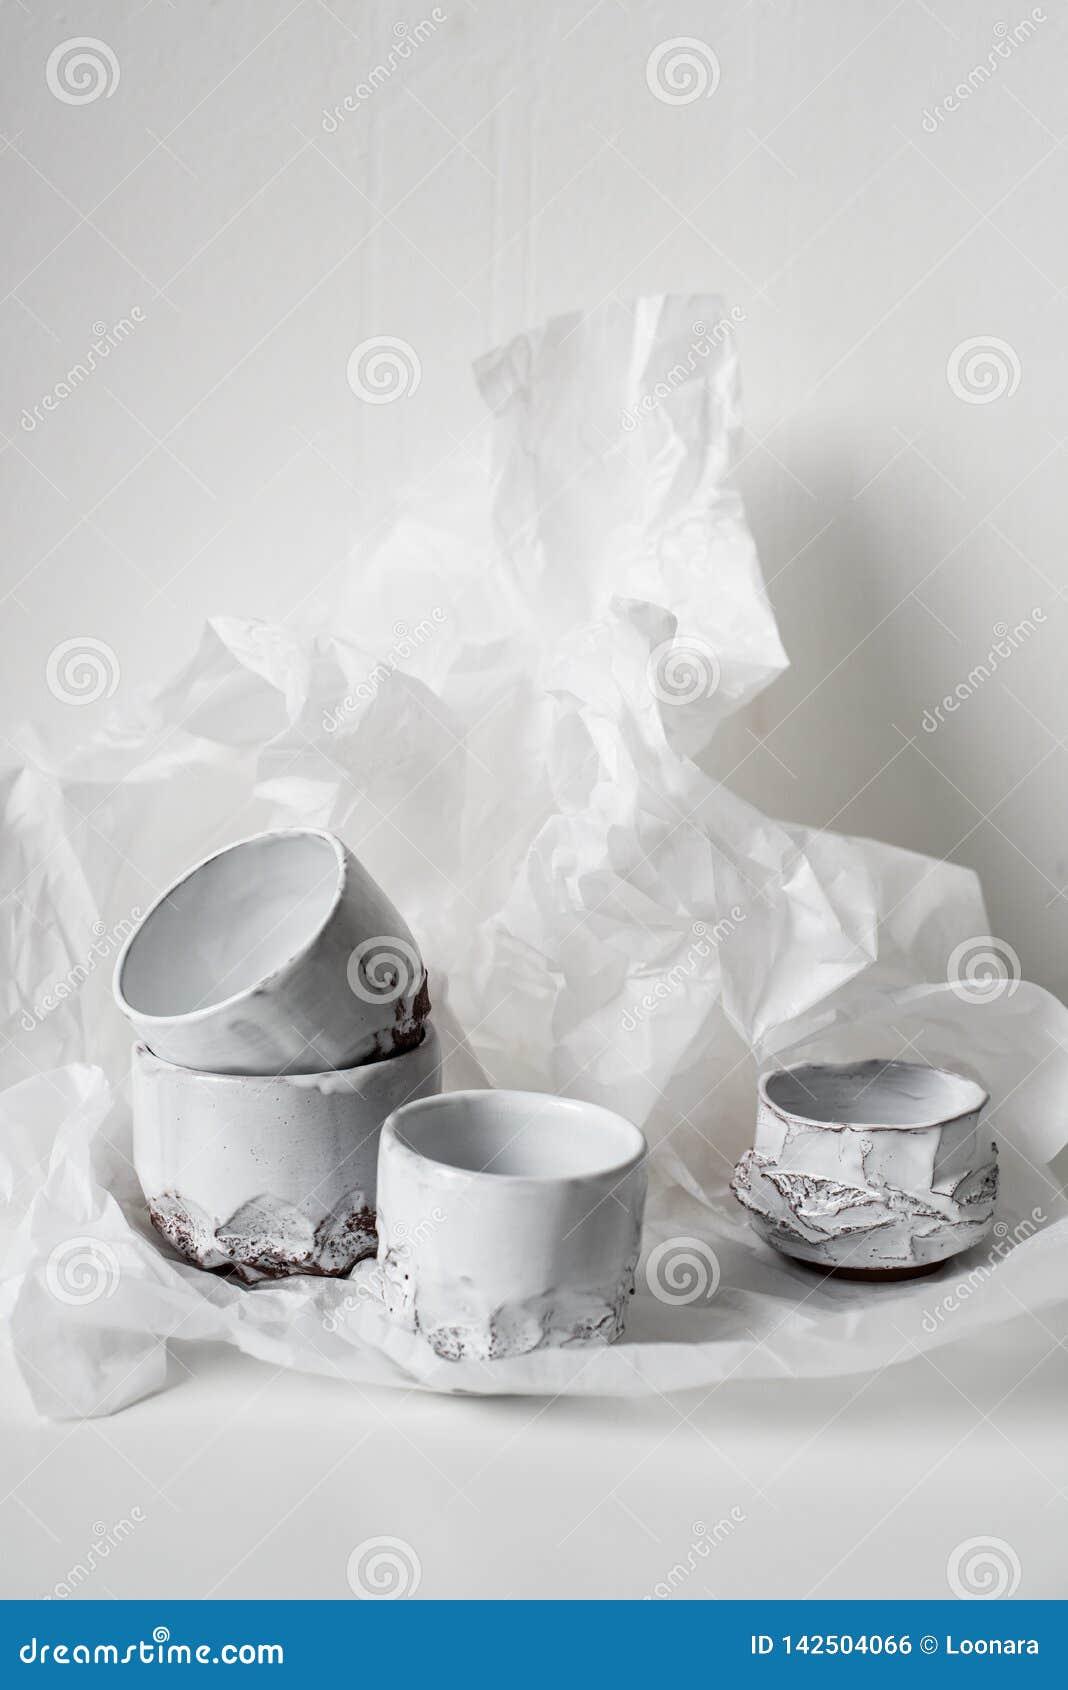 Vaso ceramico fatto a mano su Libro Bianco ammaccato